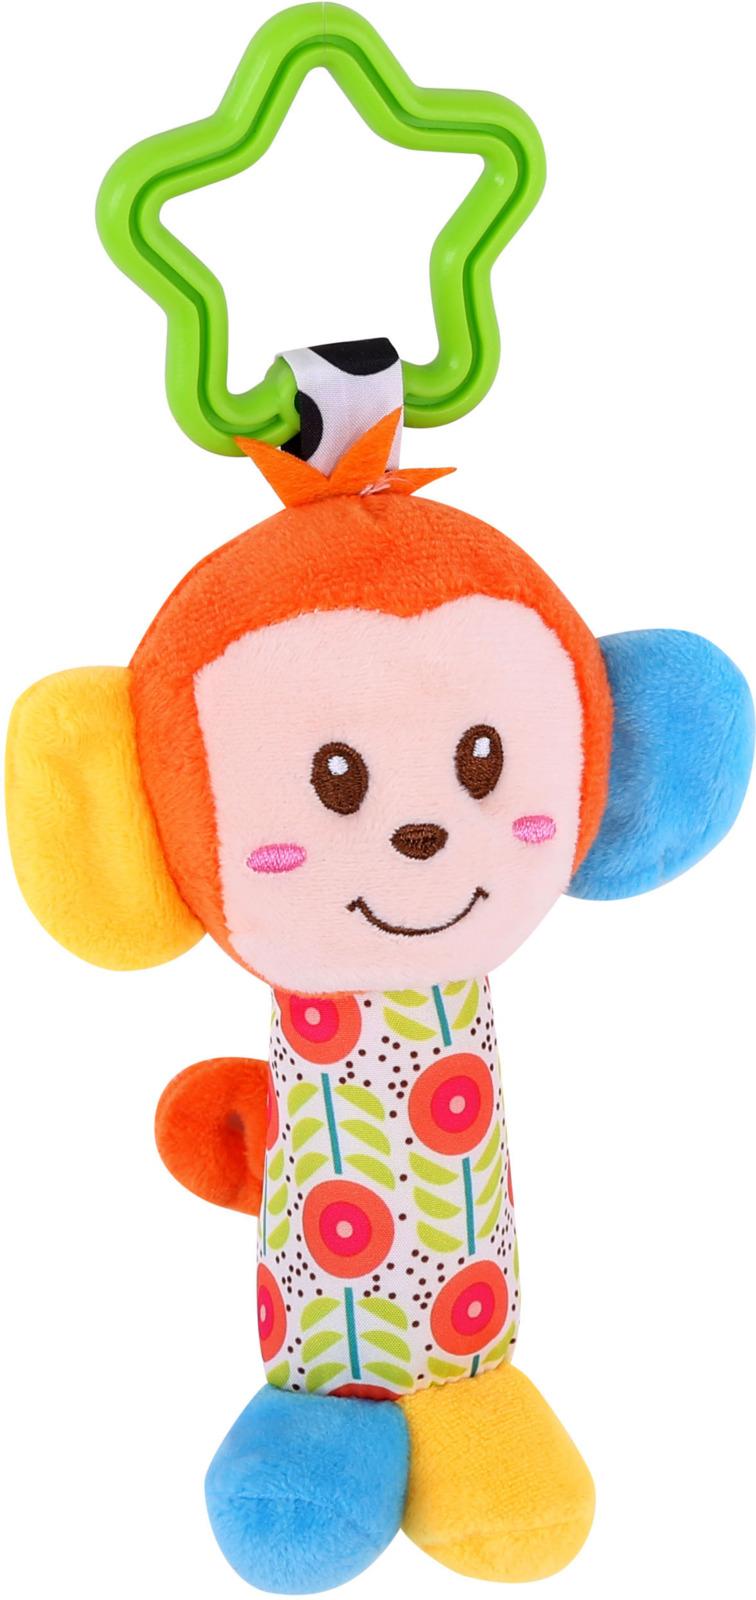 Погремушка мягкая Lorelli Toys Мартышка. 10191180003 развивающая игрушка lorelli toys обними меня мартышка 10191260001